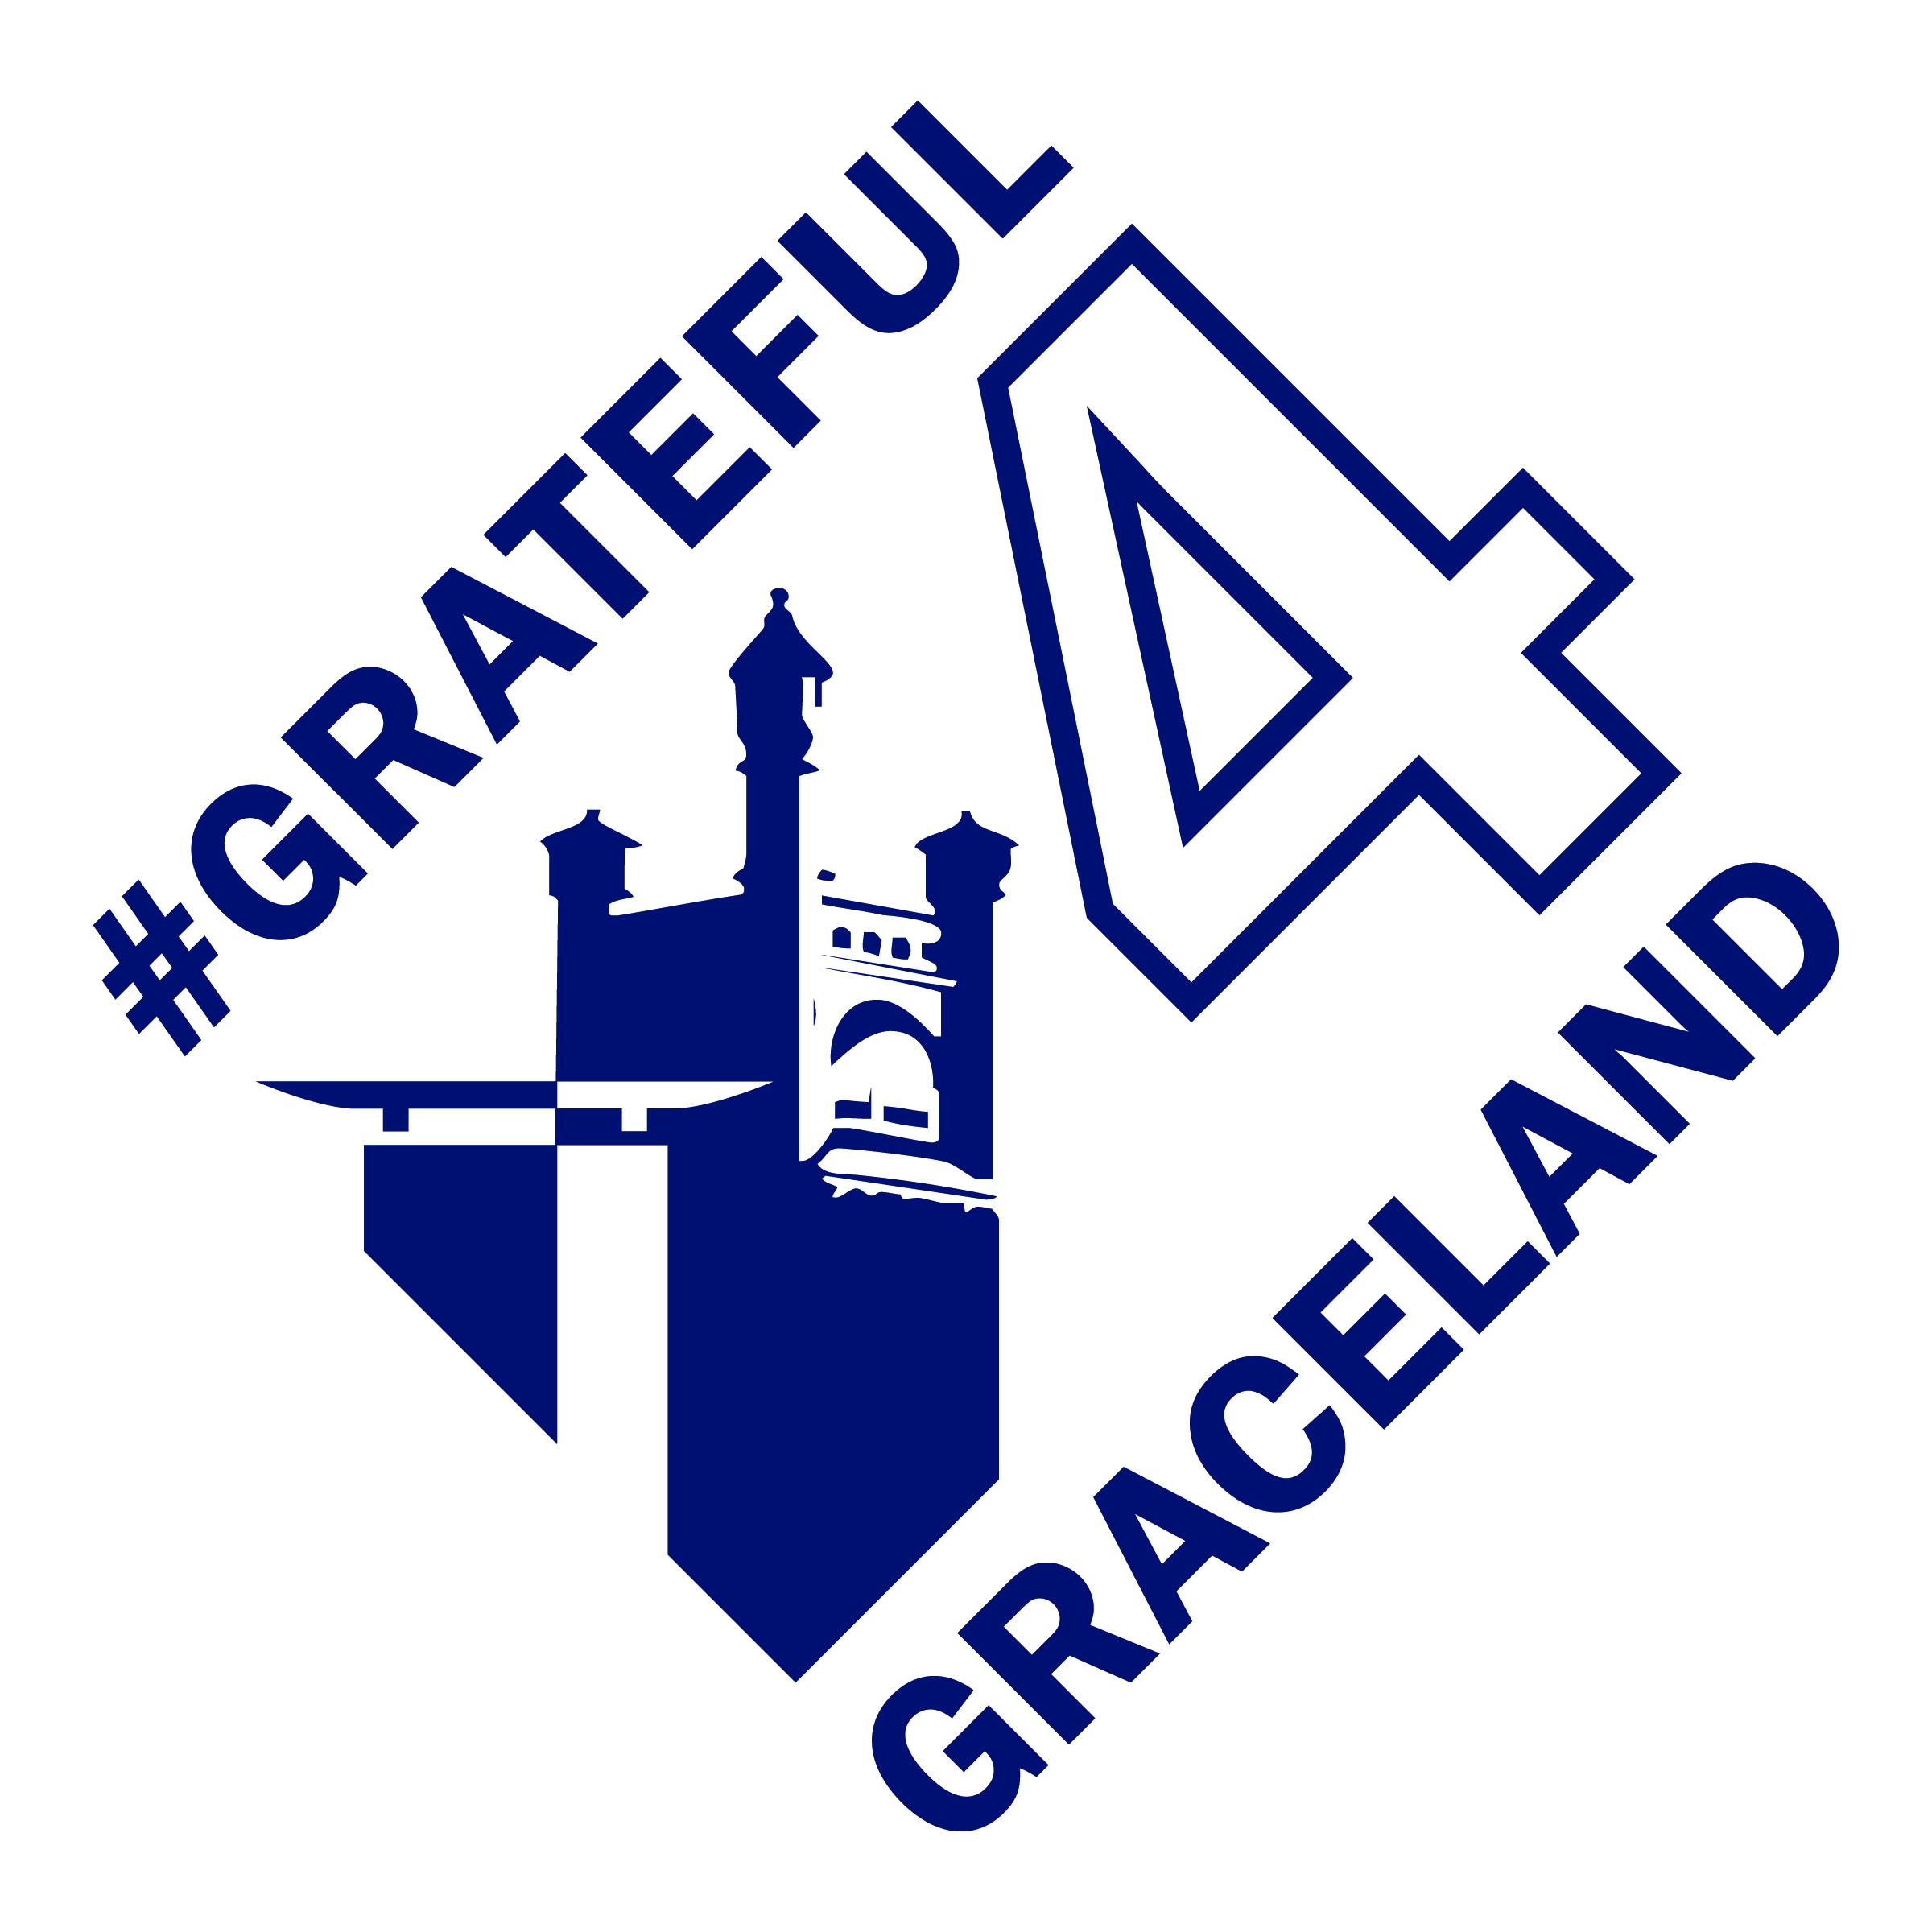 #Grateful4Graceland